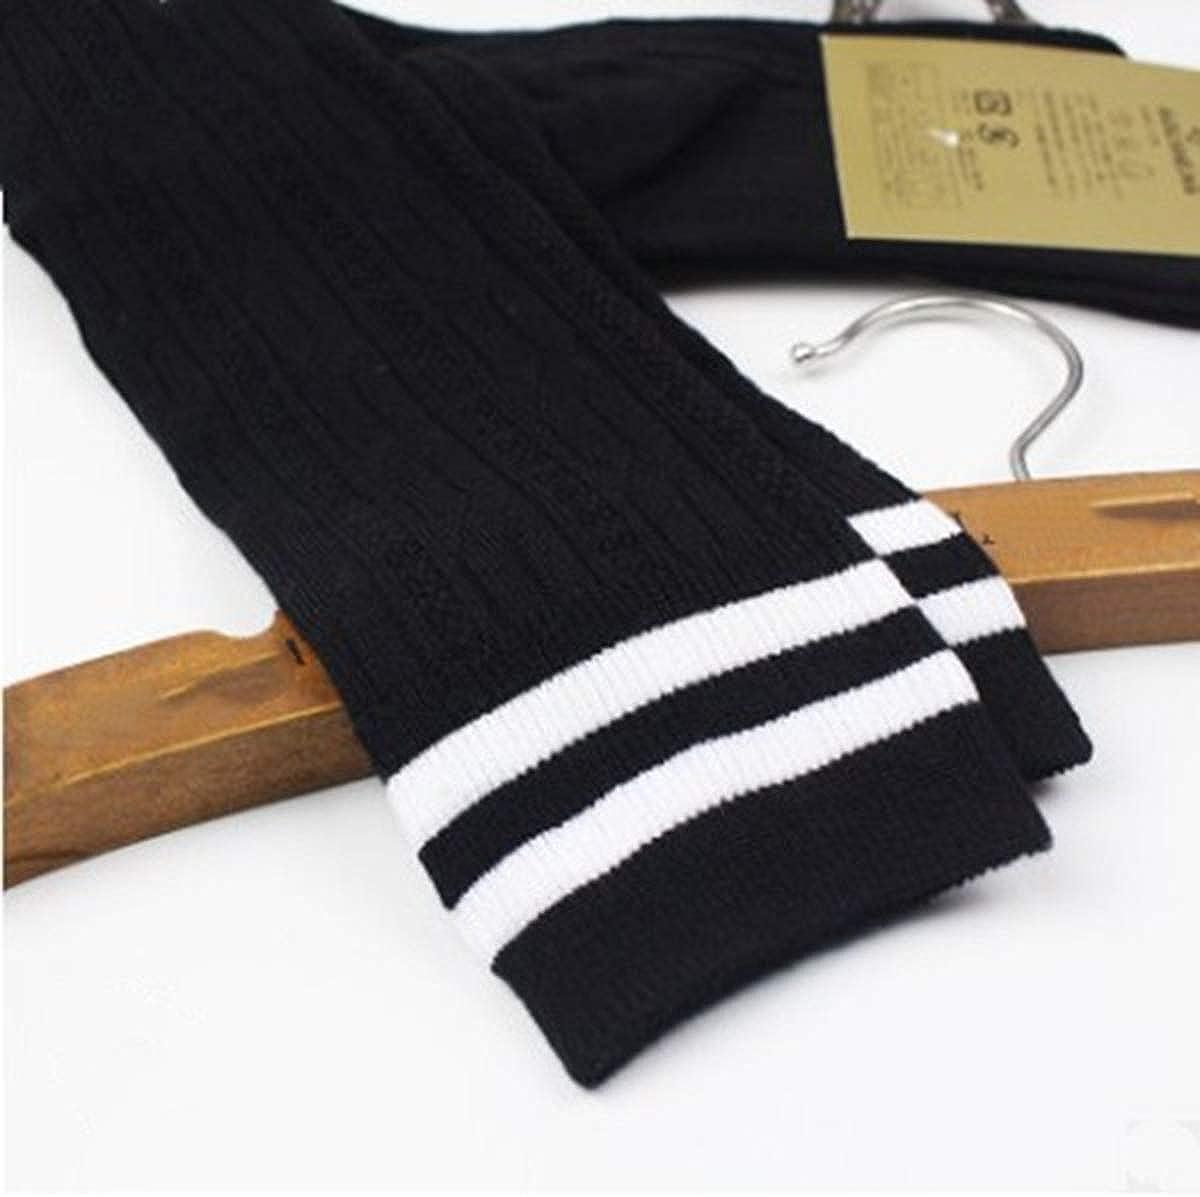 1 Pair Women Over Knee Socks Thigh High Socks Girl Casual Stockings Knit Knee High Leg Warmer